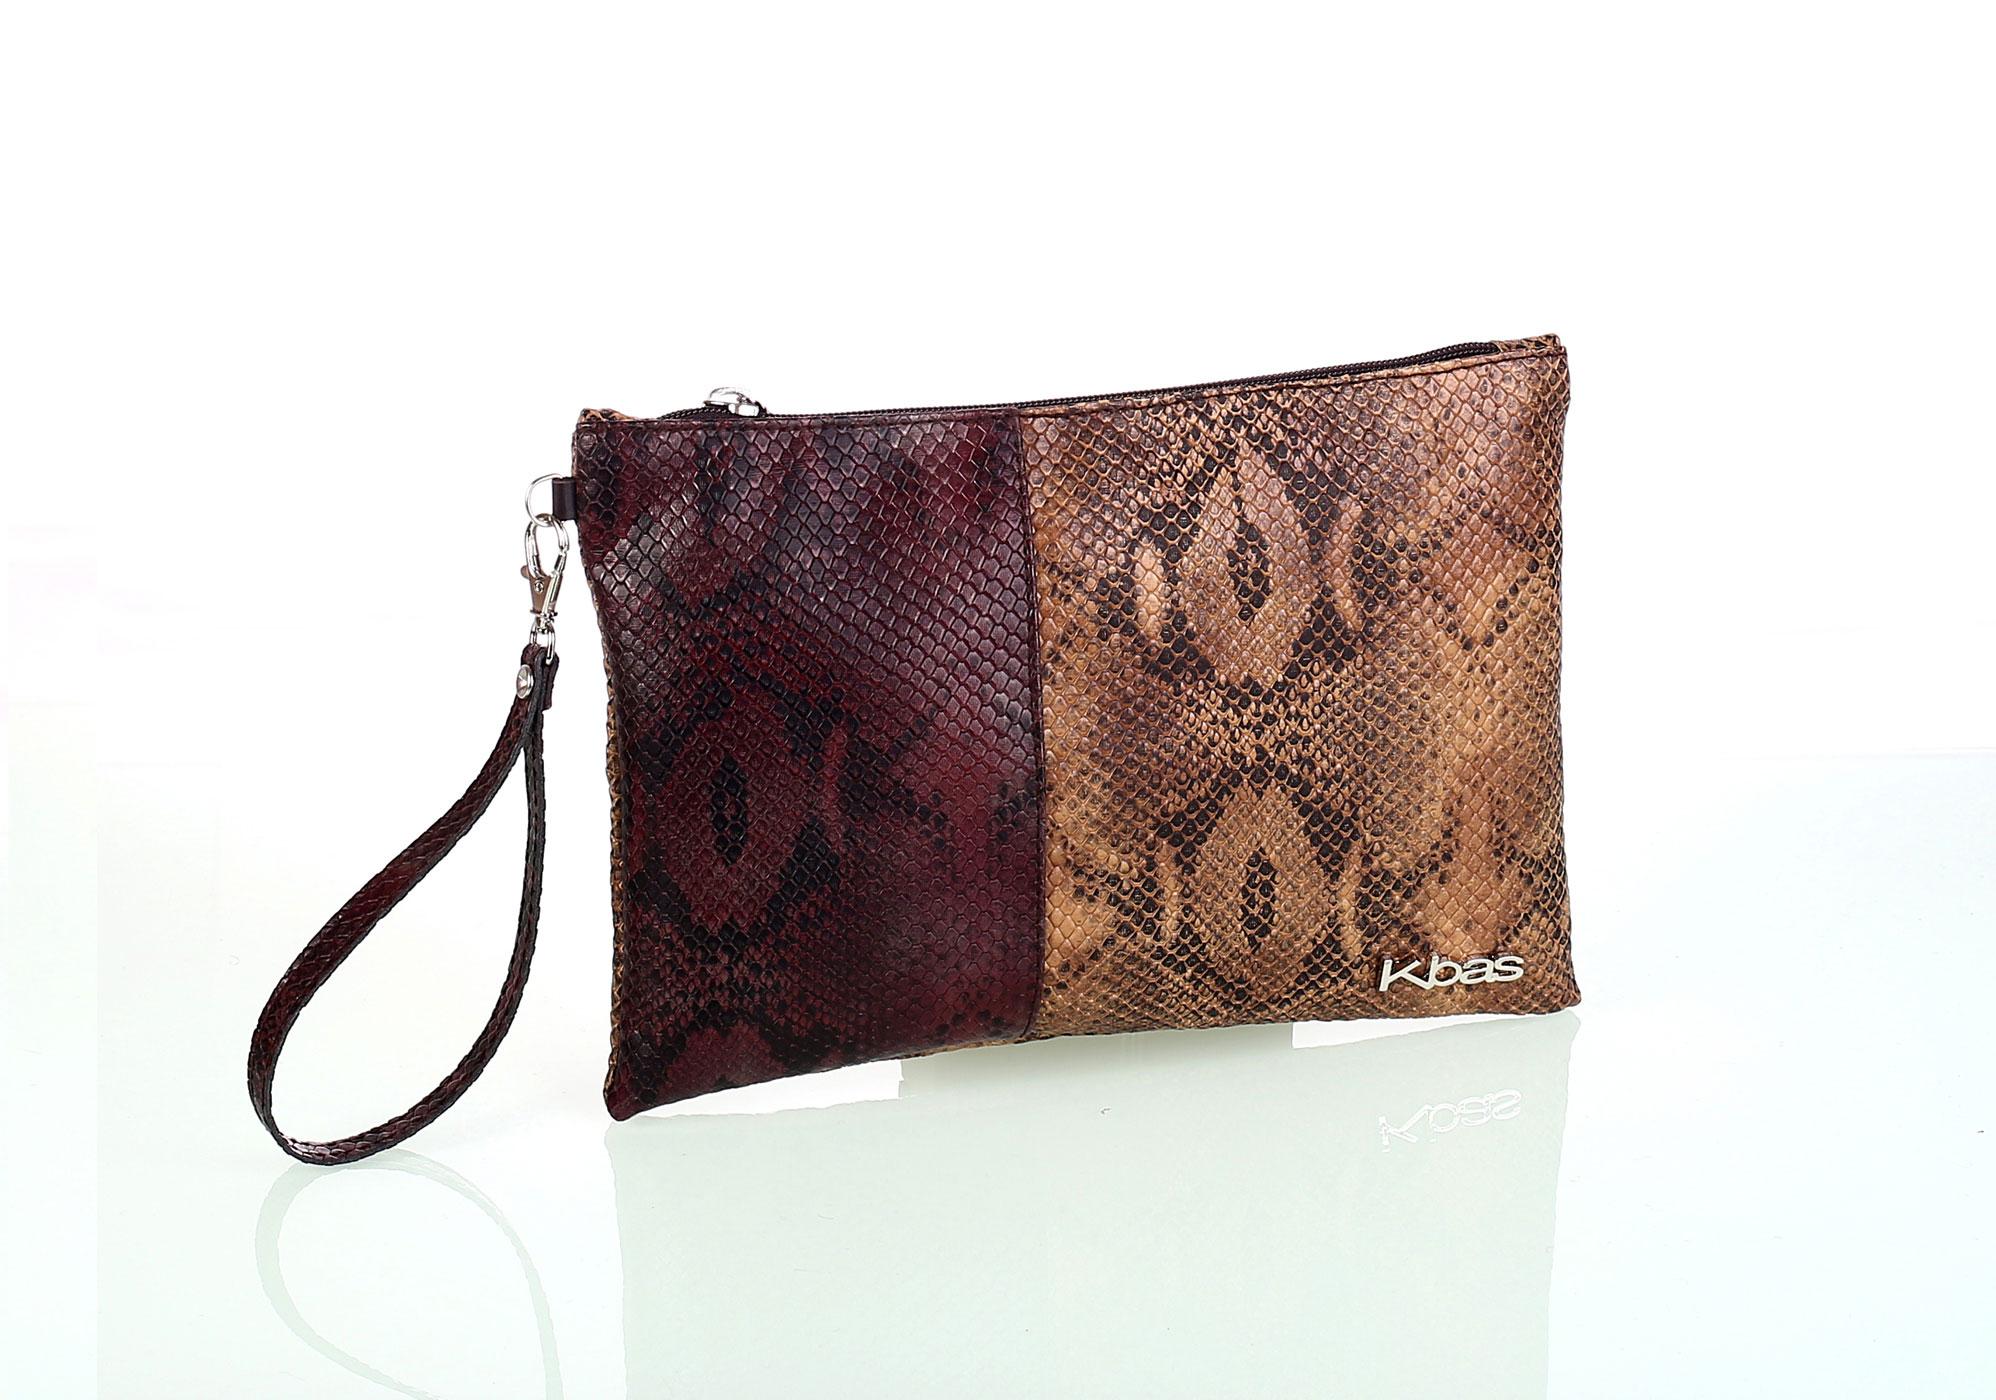 Listová dámska kabelka z eko kože Kbas imitácia hada hnedá  6edaddba043